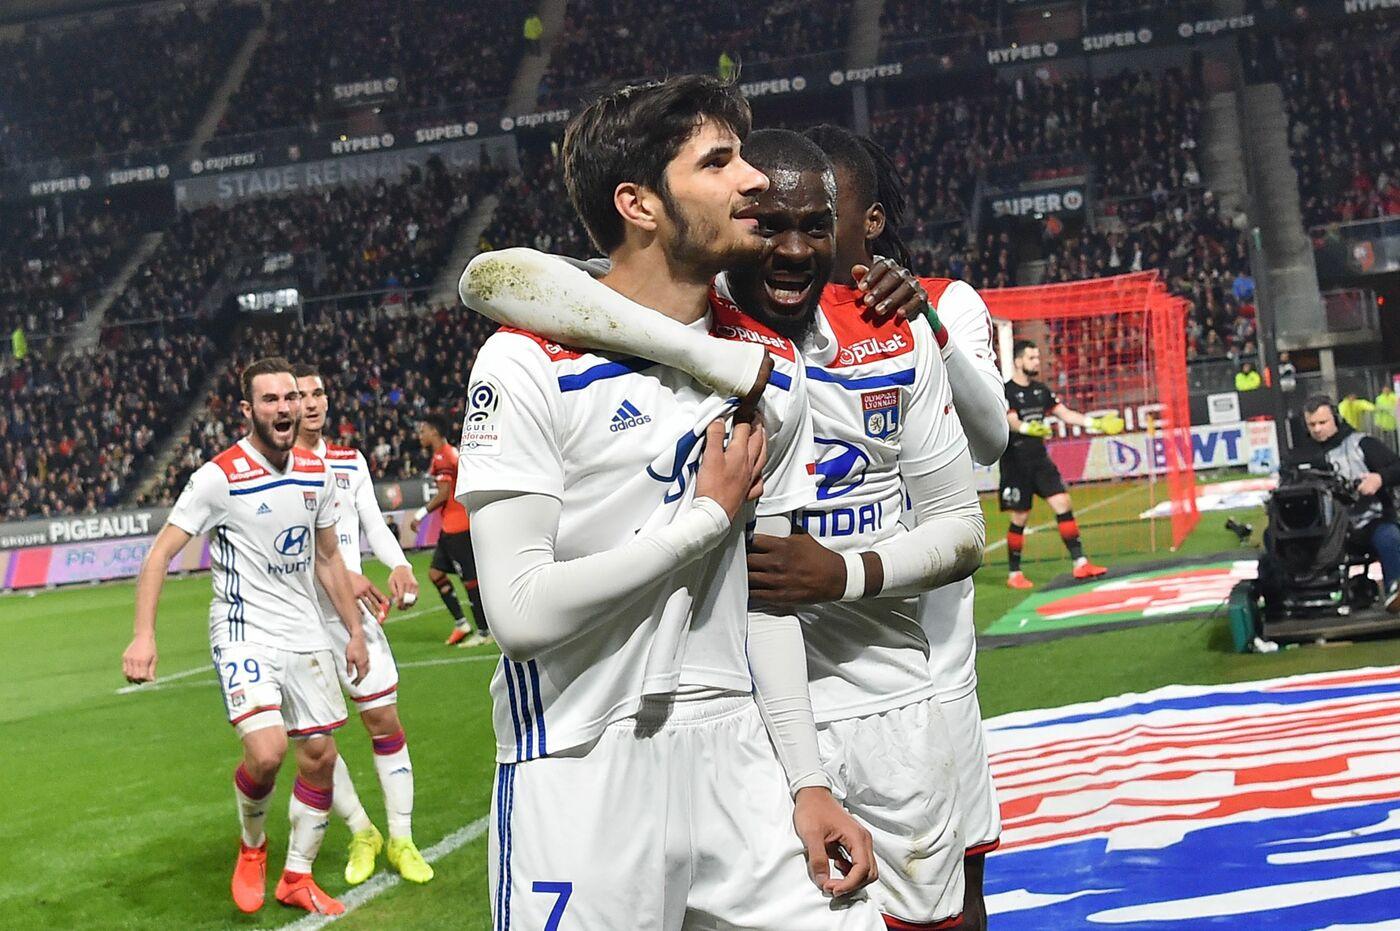 Lione-Caen 18 maggio: si gioca per la penultima giornata della Serie A francese. Entrambi i club hanno bisogno di punti.